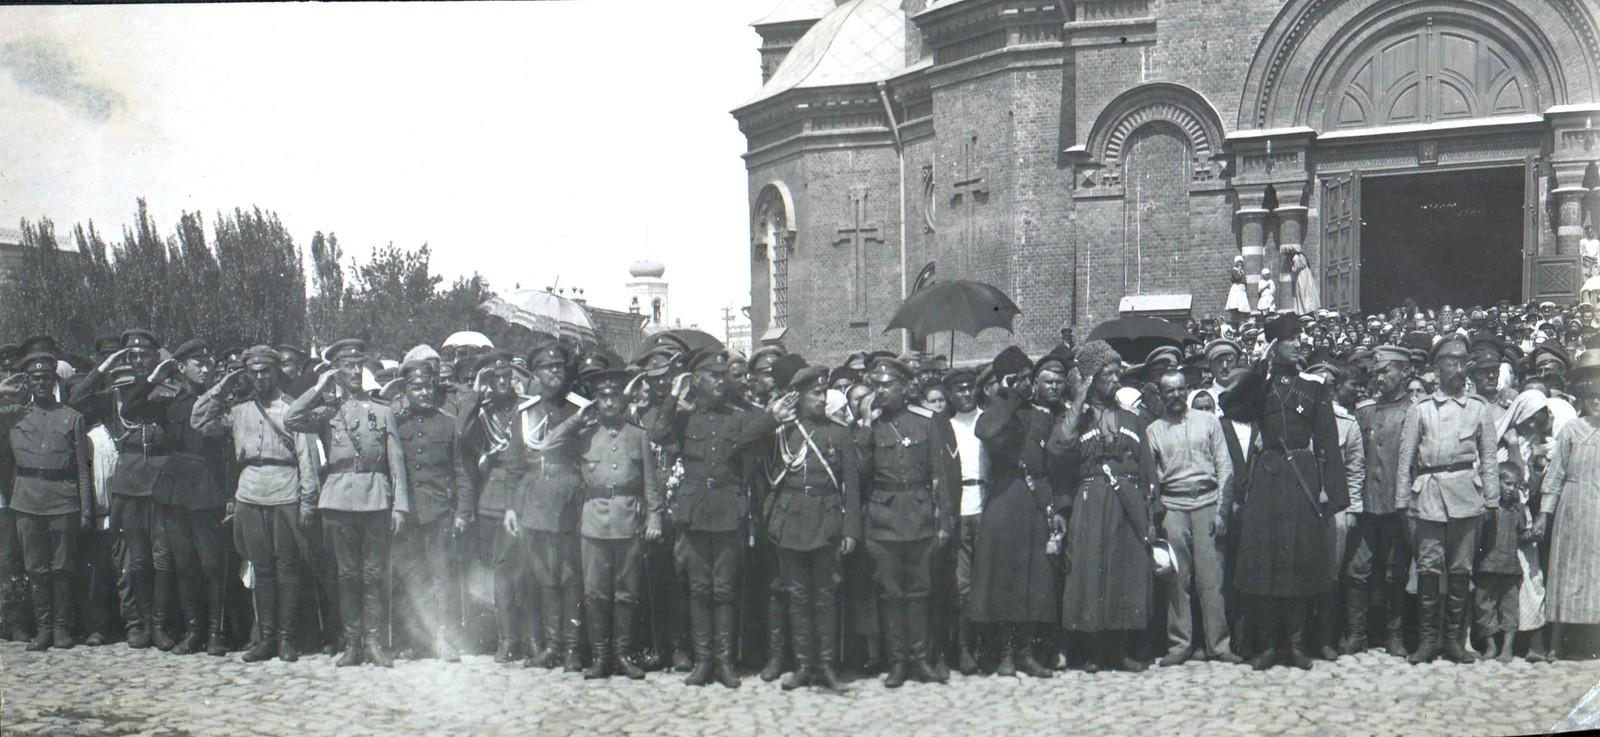 245. 1919. П.Н. Врангель и ряды штаба Кавказской армии выходят на парад